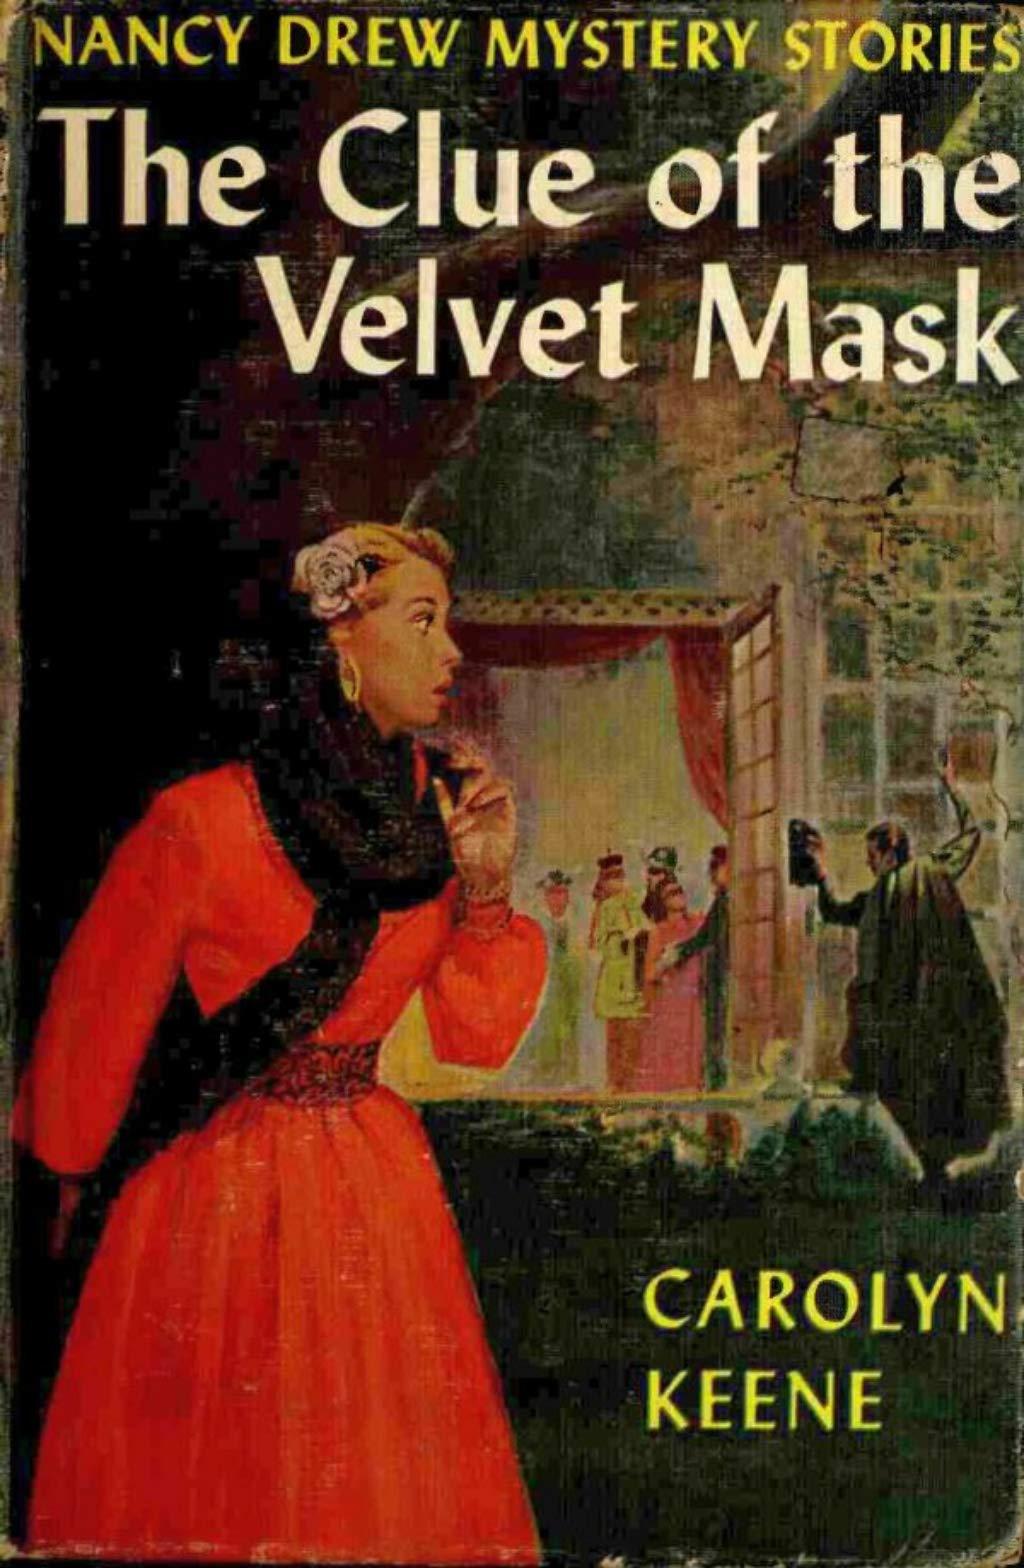 The Clue of the Velvet Mask (Nancy Drew Mystery #30)